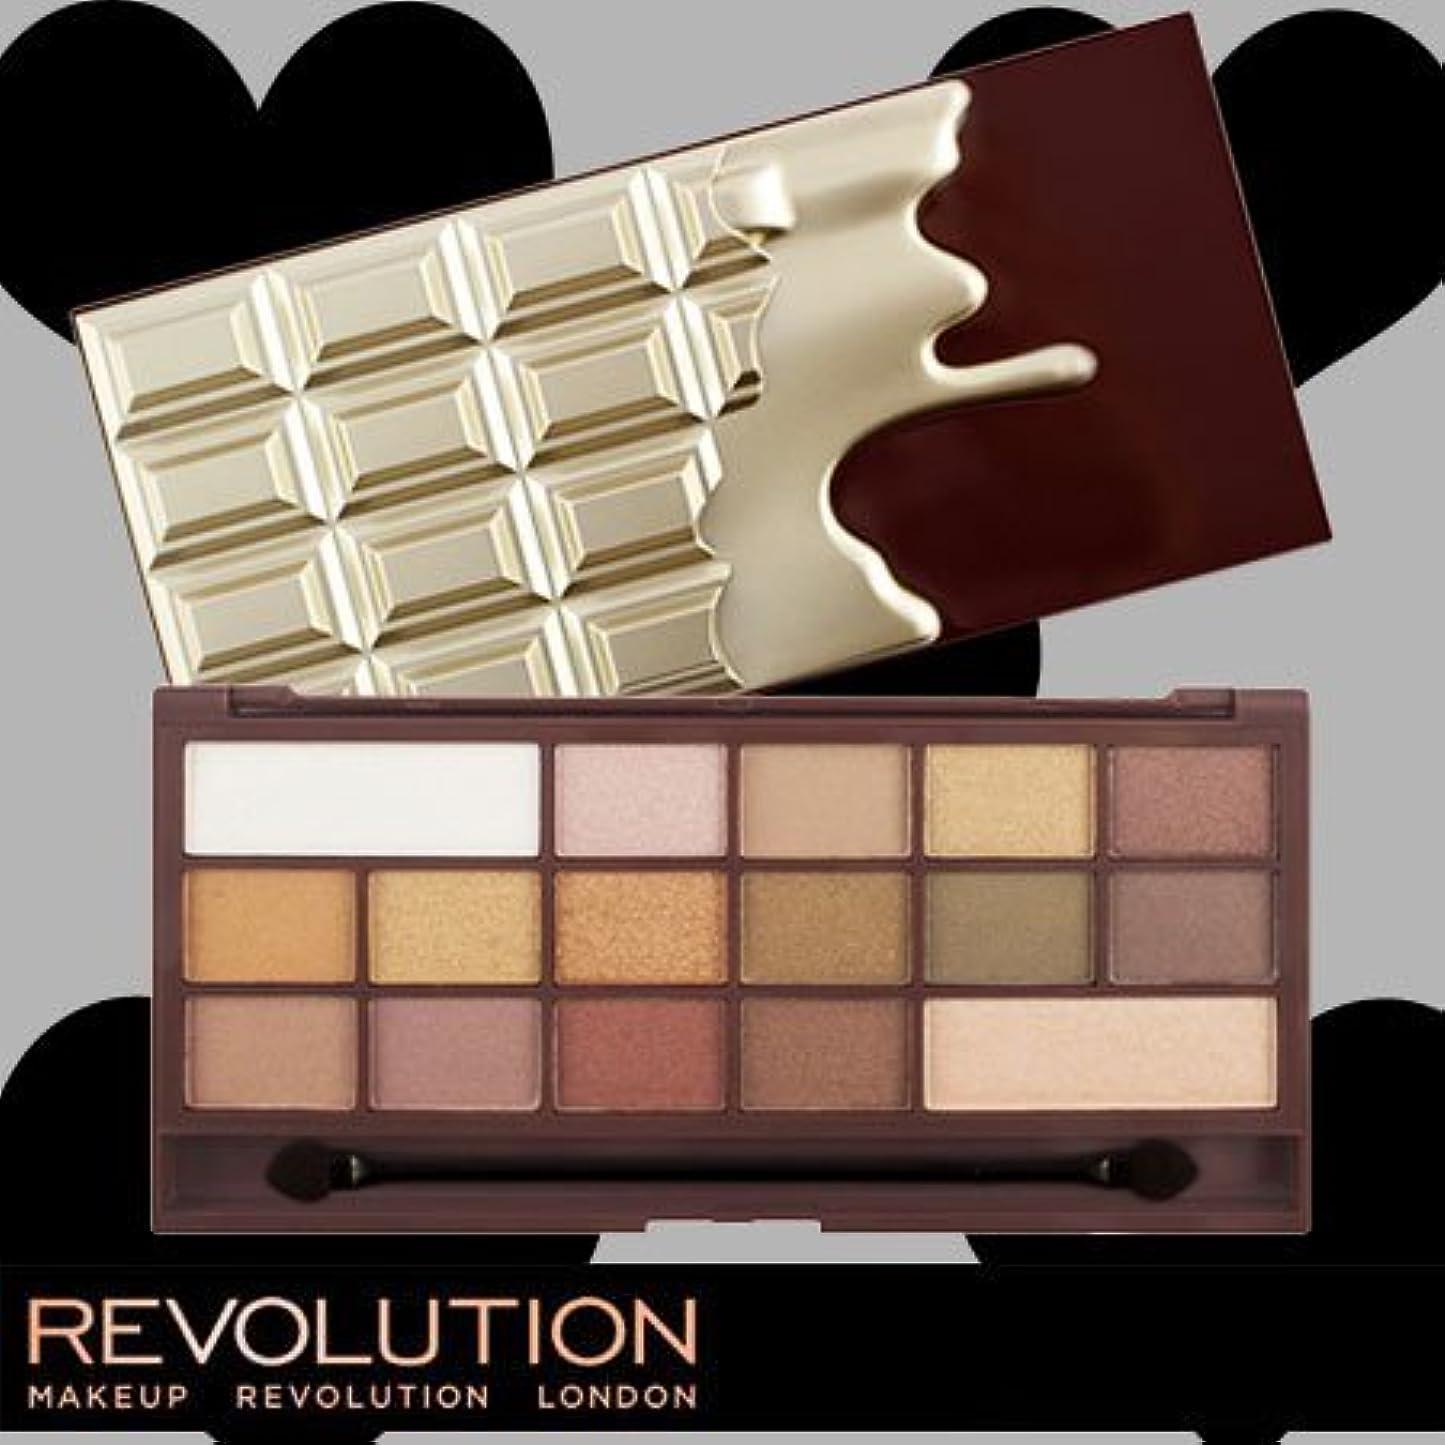 画家ひどく担当者メイクアップレボリューション アイラブメイクアップ アイラブチョコレート #ゴールデンバー 16色アイシャドウパレット -MAKEUP REVOLUTION-